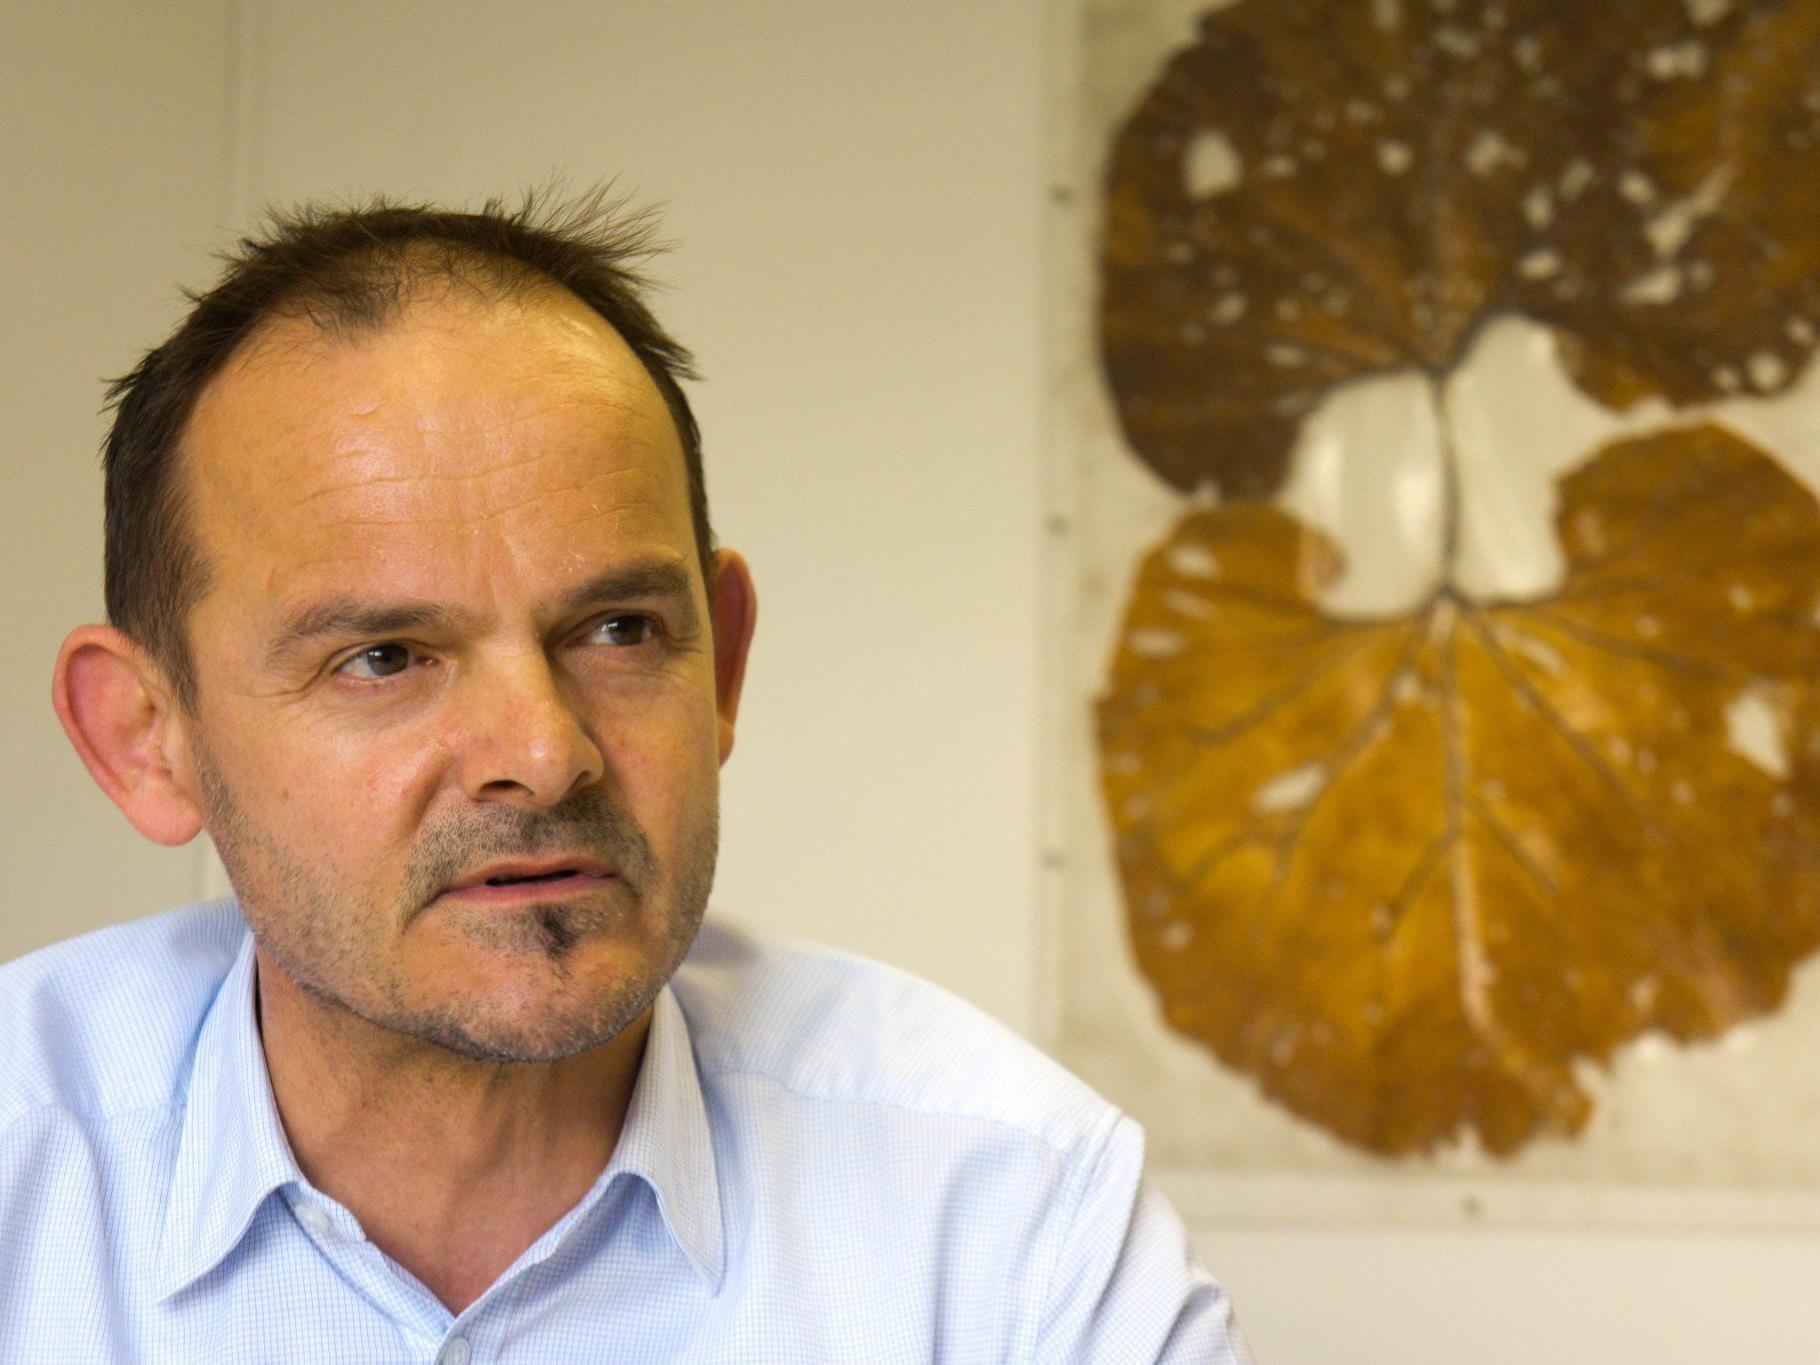 Anwalt Gebhard Heinzle hat innerhalb weniger Tage die Aufhebung eines besonders harten Führerscheinentzug-Bescheids bewirkt.